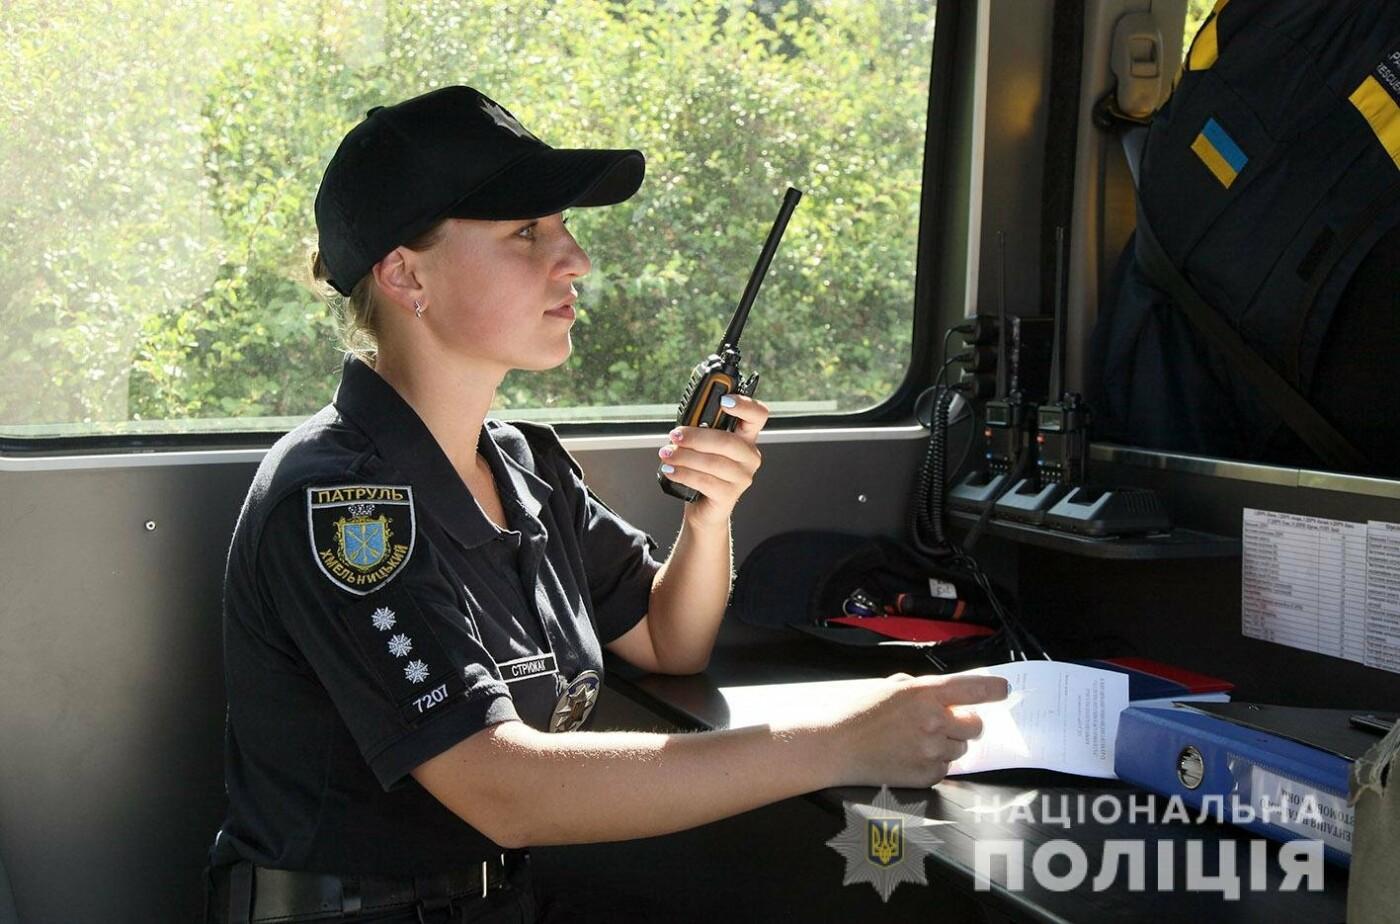 У Хмельницькому правоохоронці продовжують підготовку до забезпечення публічної безпеки і порядку під час виборів , фото-5